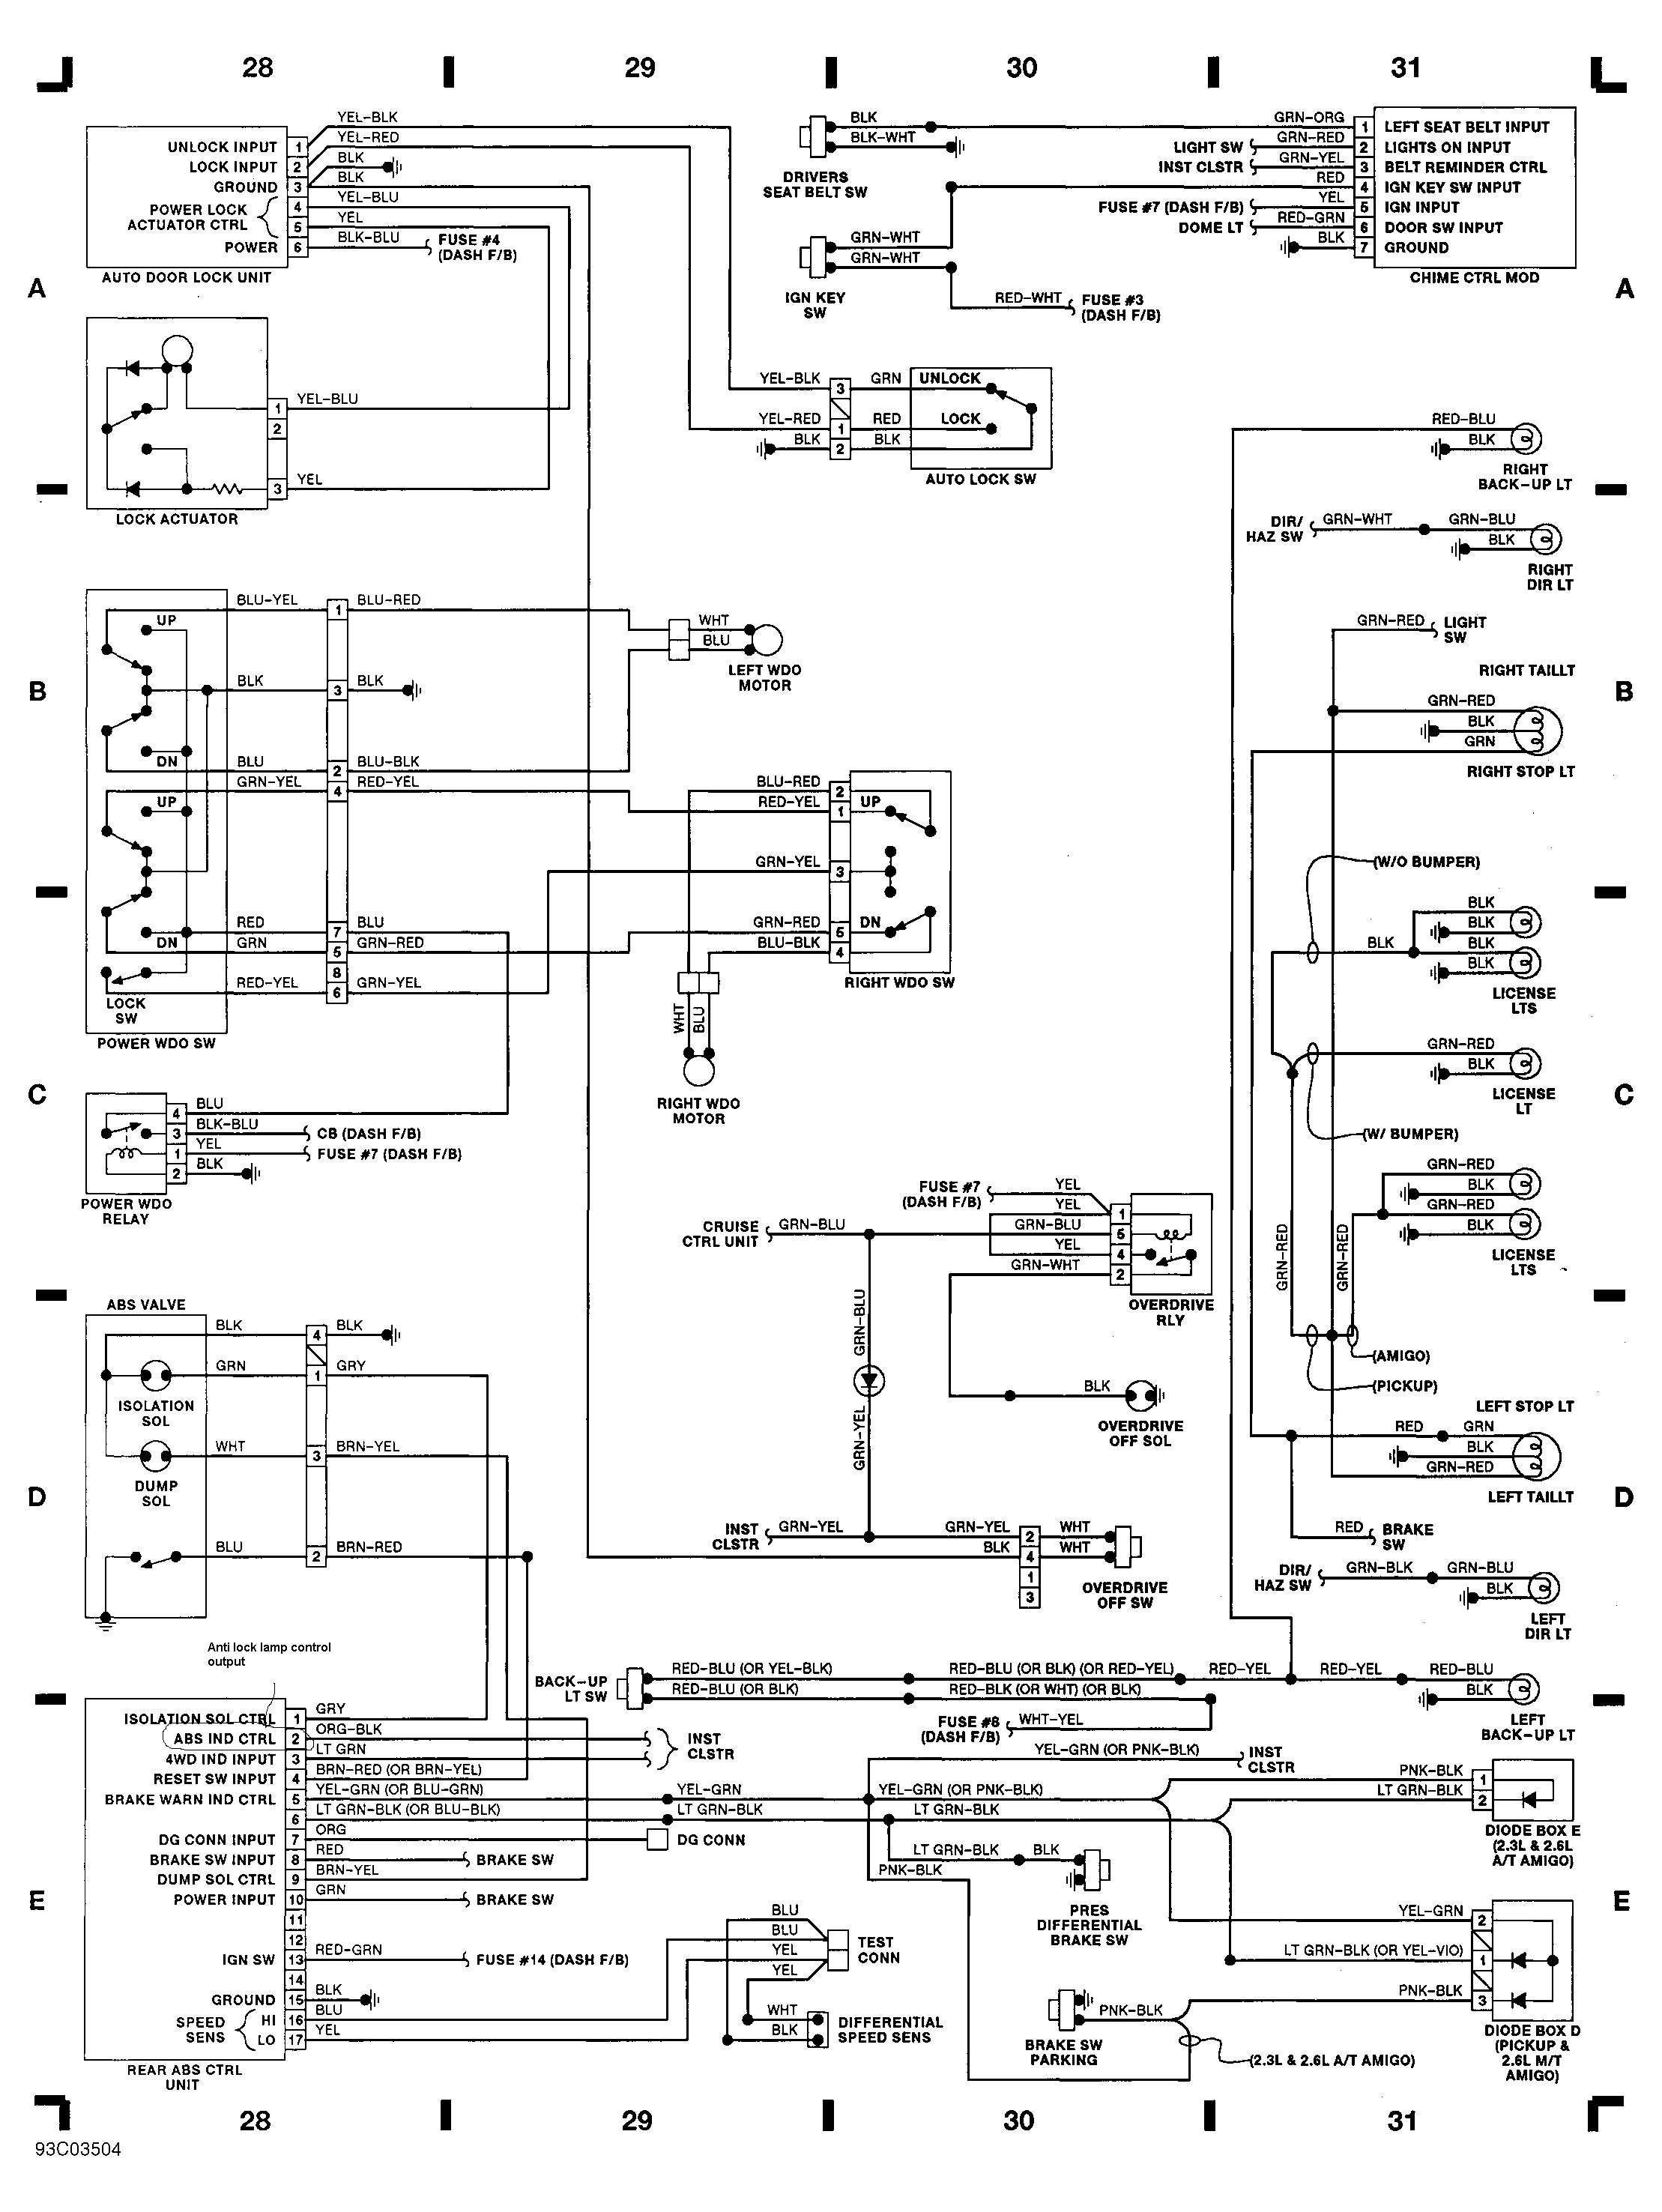 Wiring Diagram Cars Trucks Wiring Diagram Cars Trucks Truck Horn Wiring Wiring Diagrams Electrical Wiring Diagram Trailer Wiring Diagram Electrical Diagram